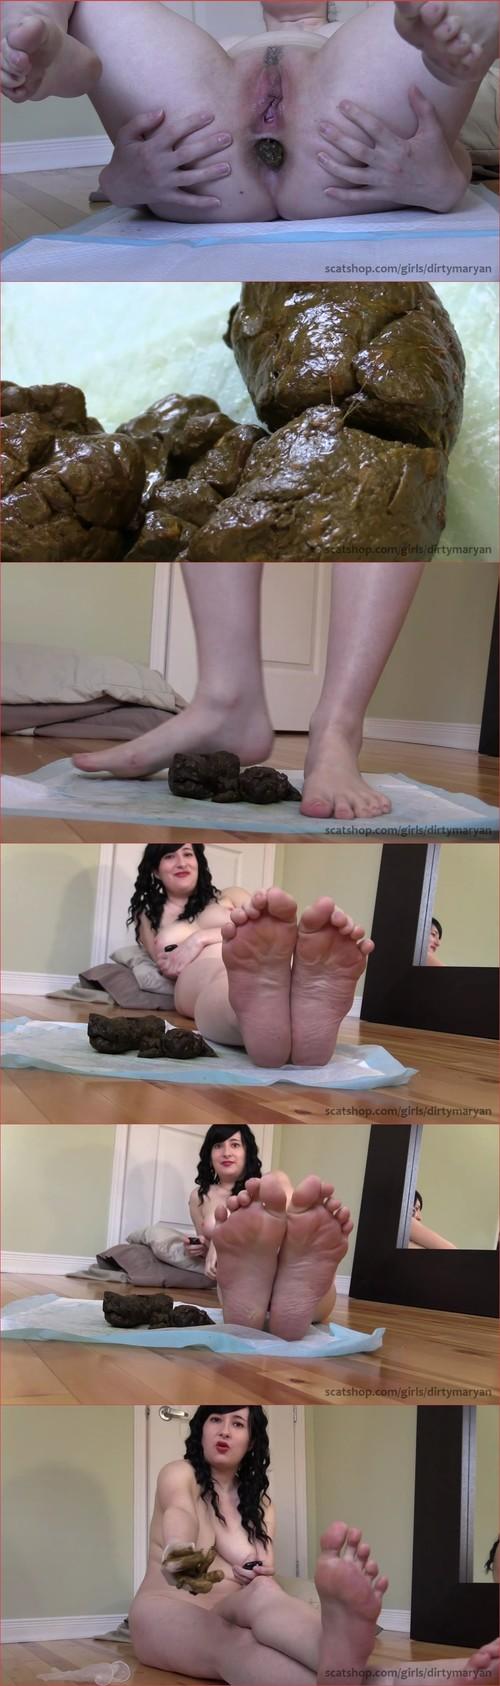 Goddess teases her foot fetish scat slave